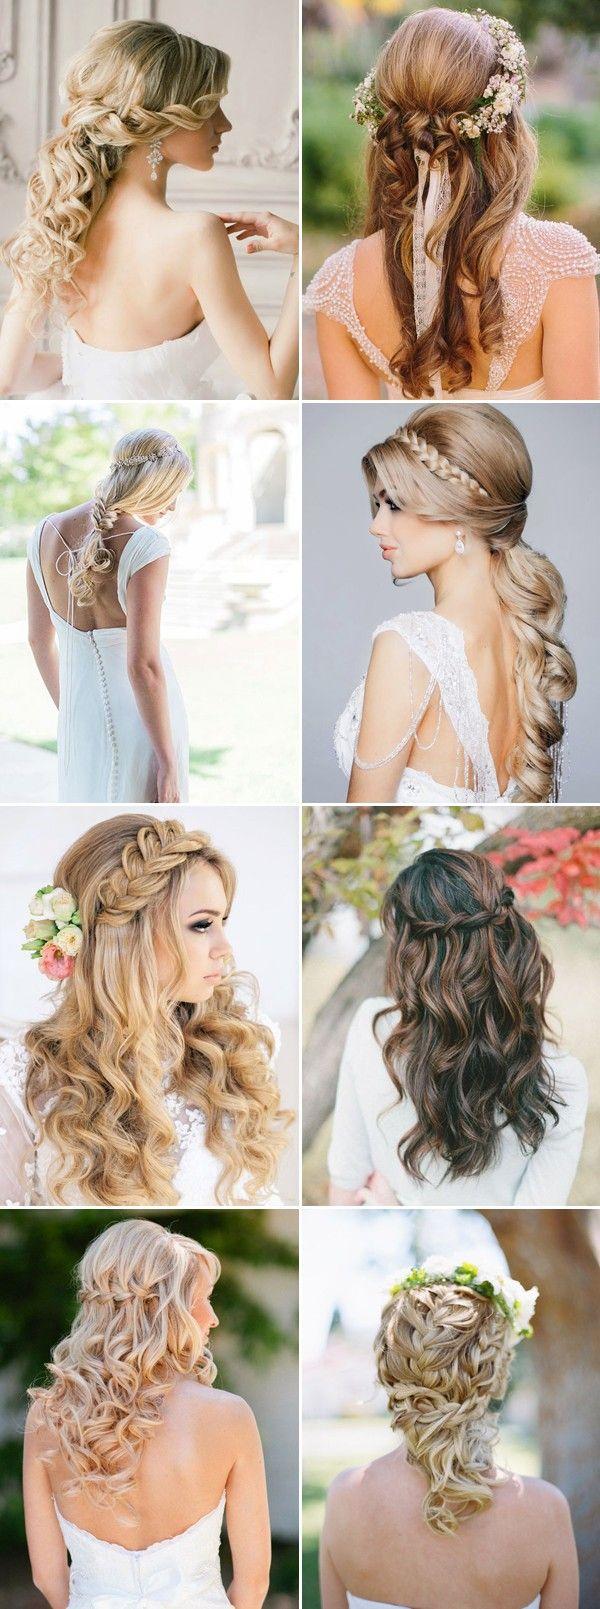 Trançado, metade, metade, baixo, casamento, penteados, longo, cabelo